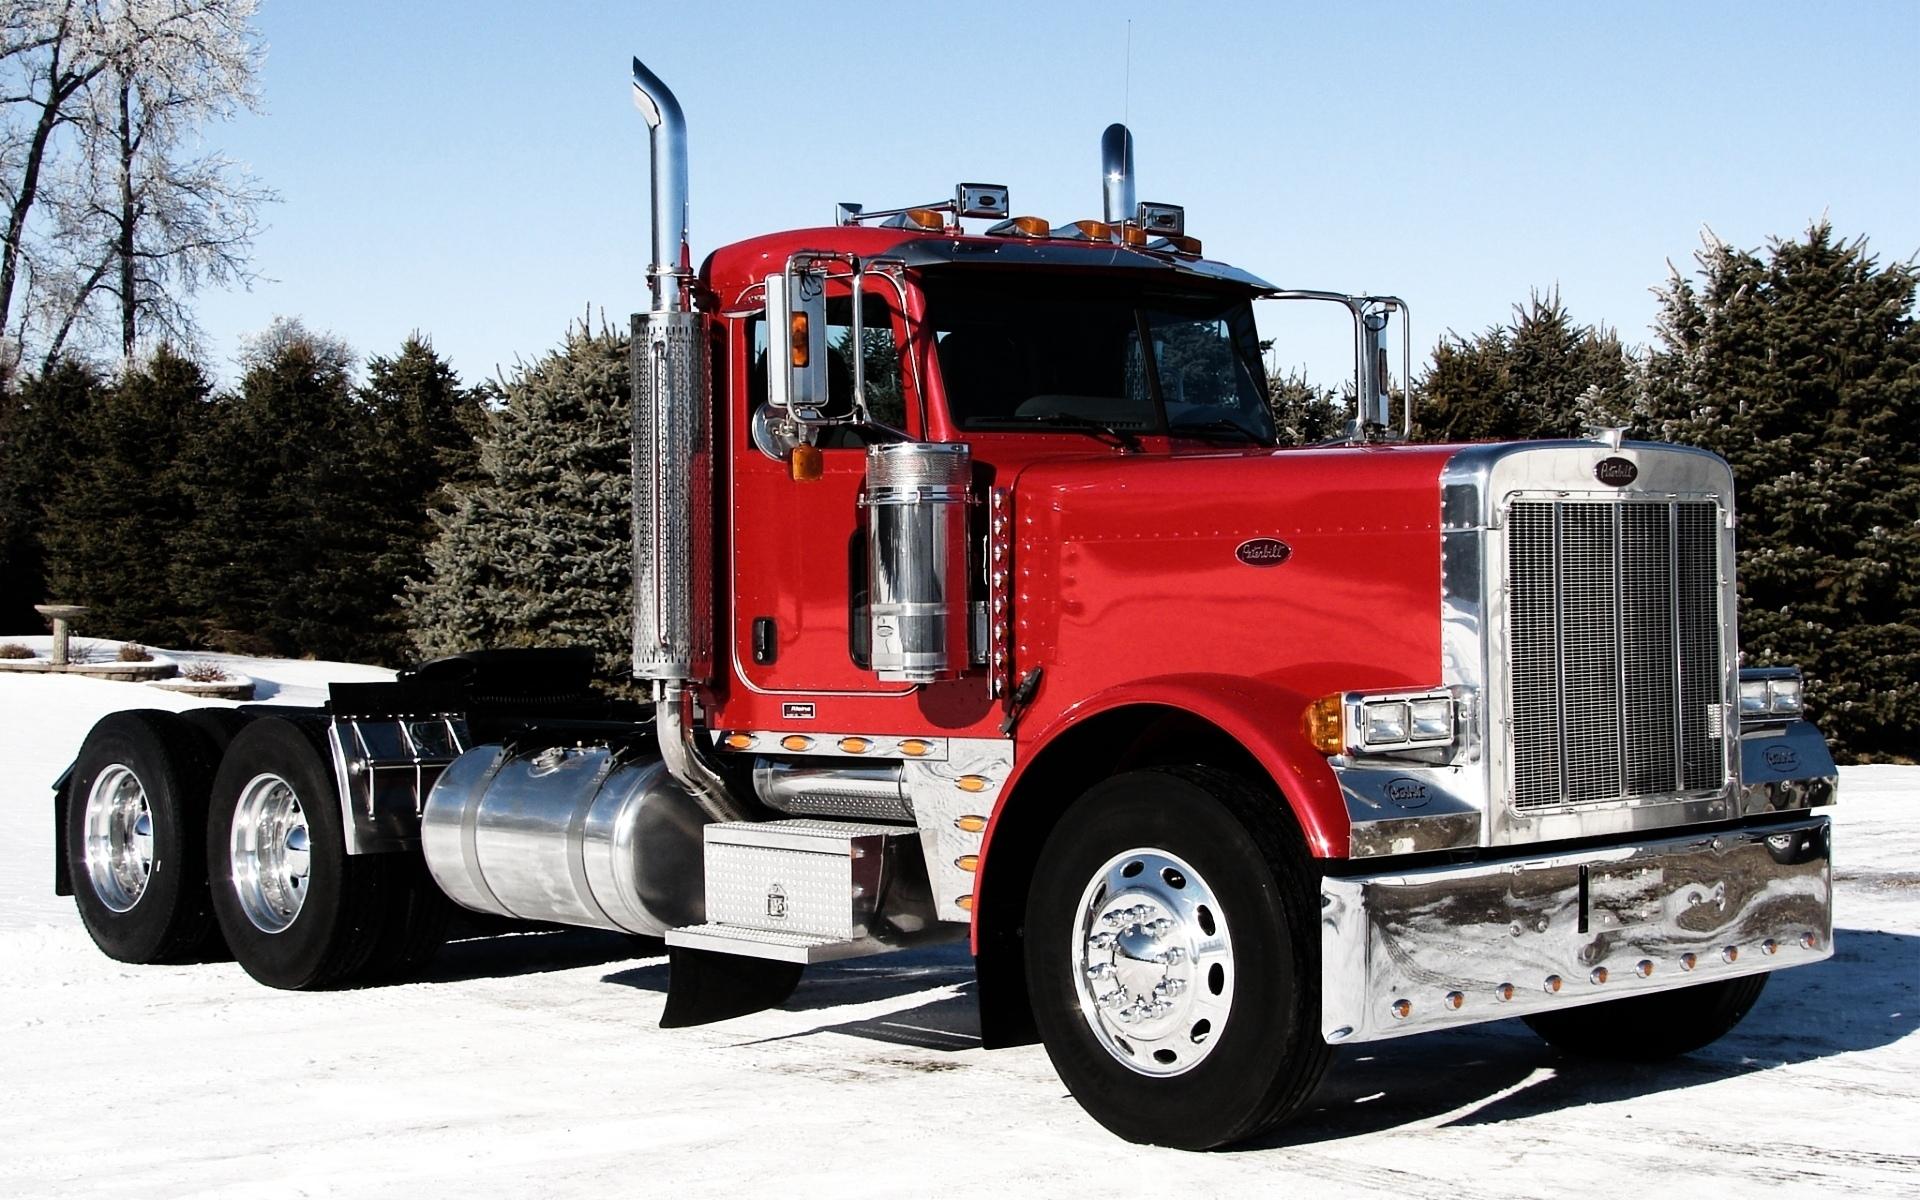 Peterbilt 379 truck truck tractor wallpaper 1920x1200 76617 1920x1200